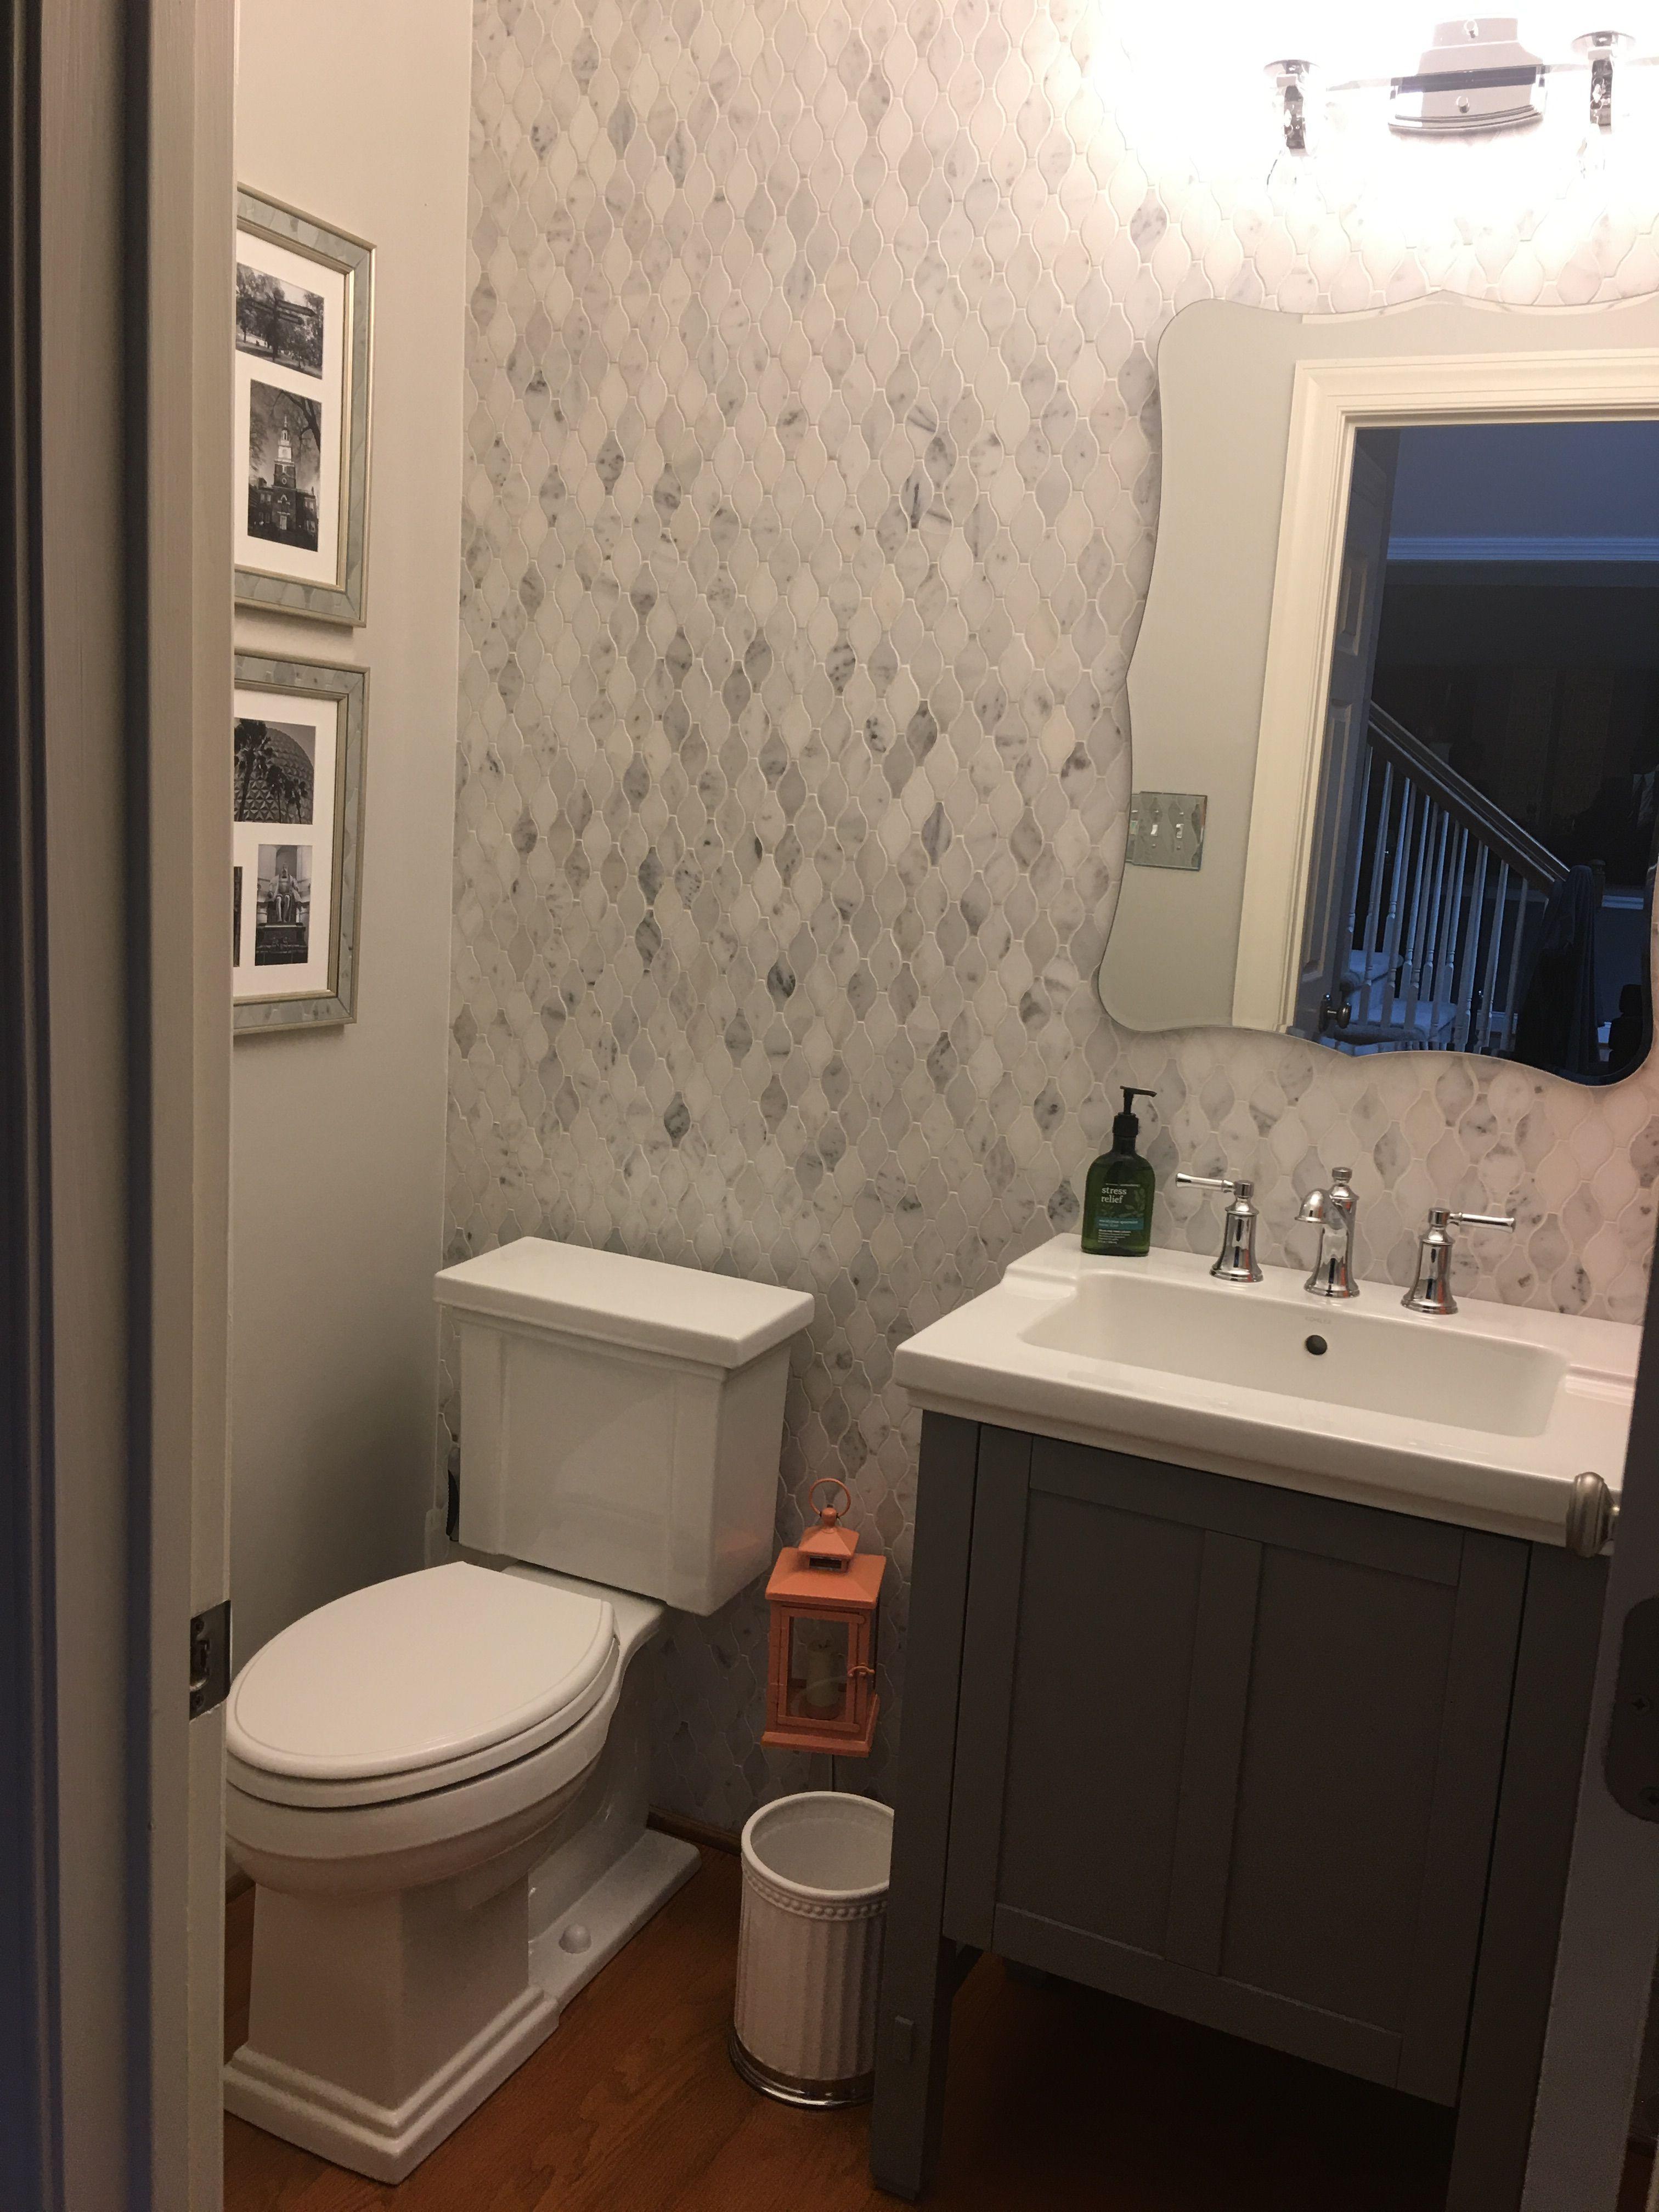 Kohler 24 Tresham Vanity Mohair Grey Tresham Toilet White Kohlerideas Bathroom Sink Cabinets White Vanity Bathroom Kohler Bathroom